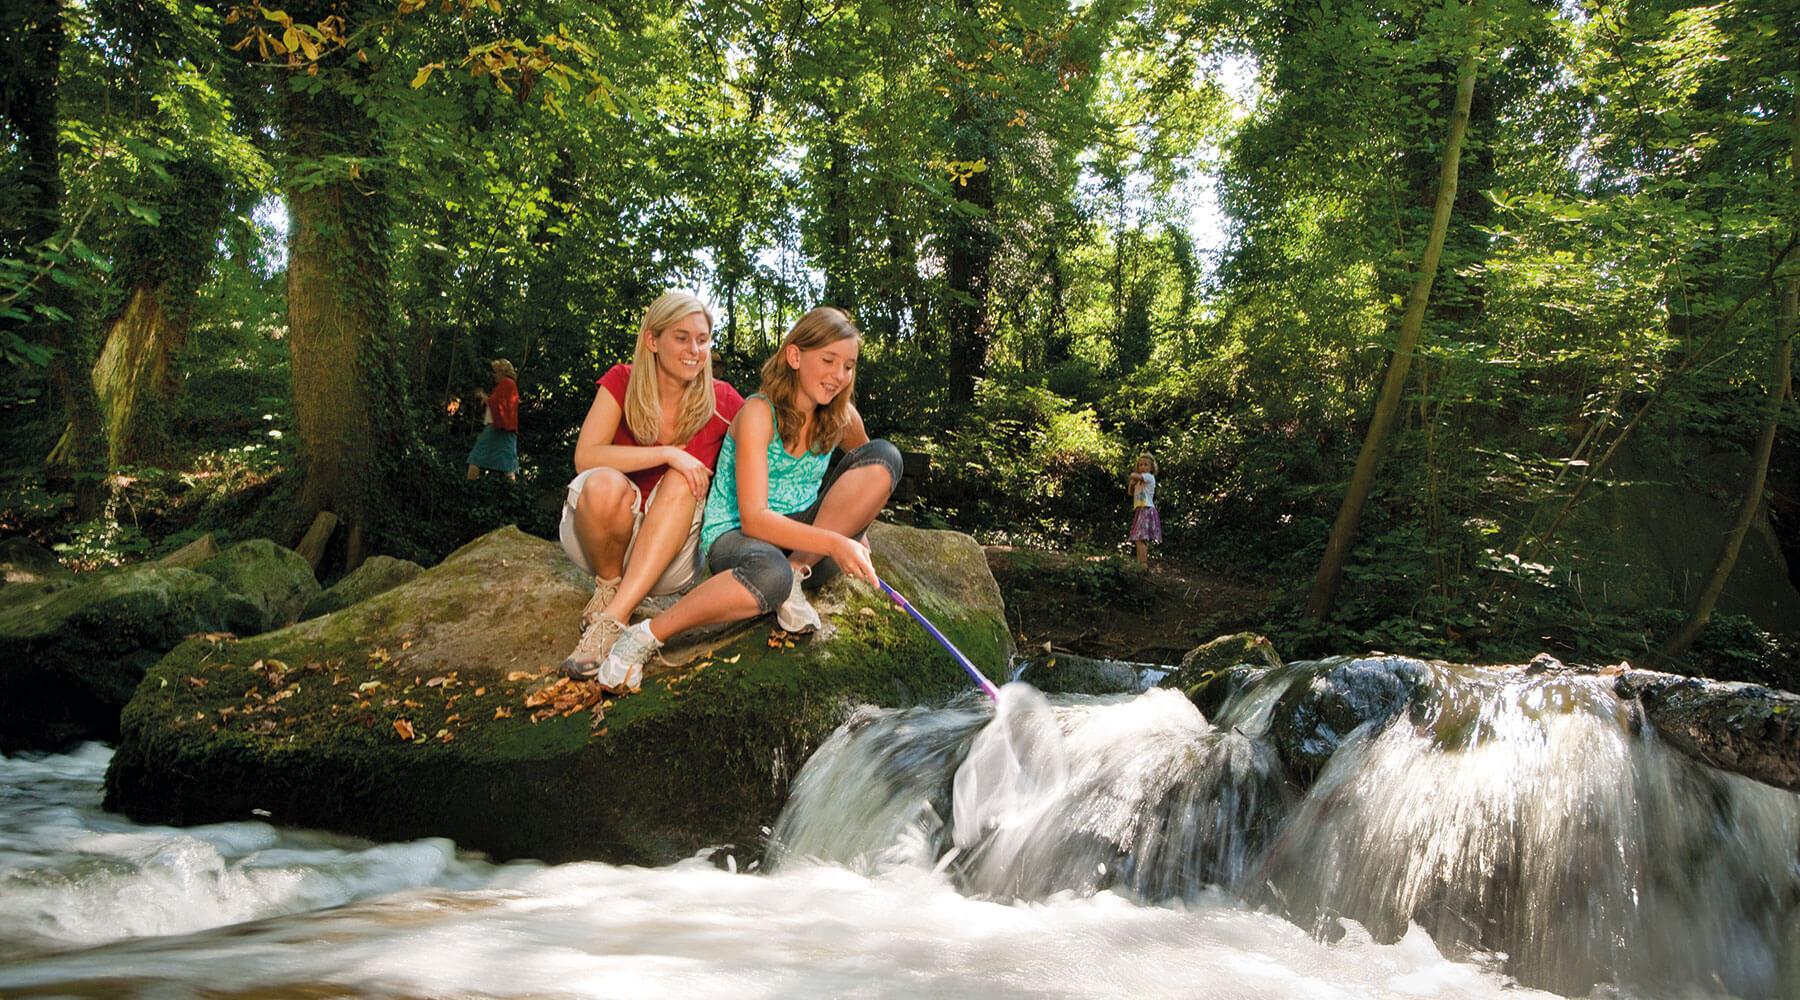 Vulkanpark Rauscherpark Zwei Frauen sitzen auf einem Stein direkt an der Nette